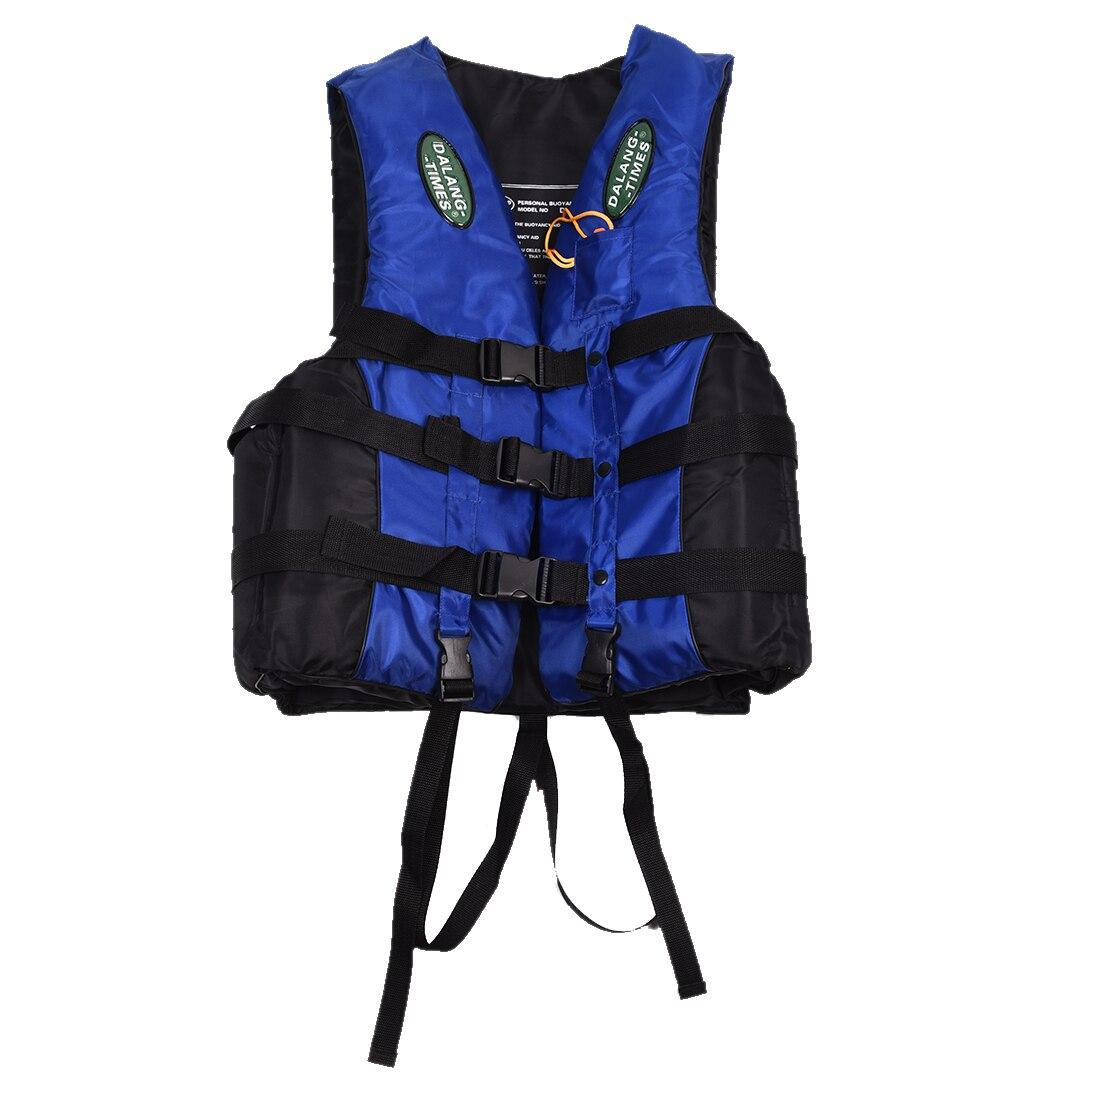 Dalang Times Boating Ski Vest Adult PFD Fully Enclosed Size Adult Life Jacket Blue/ Orange